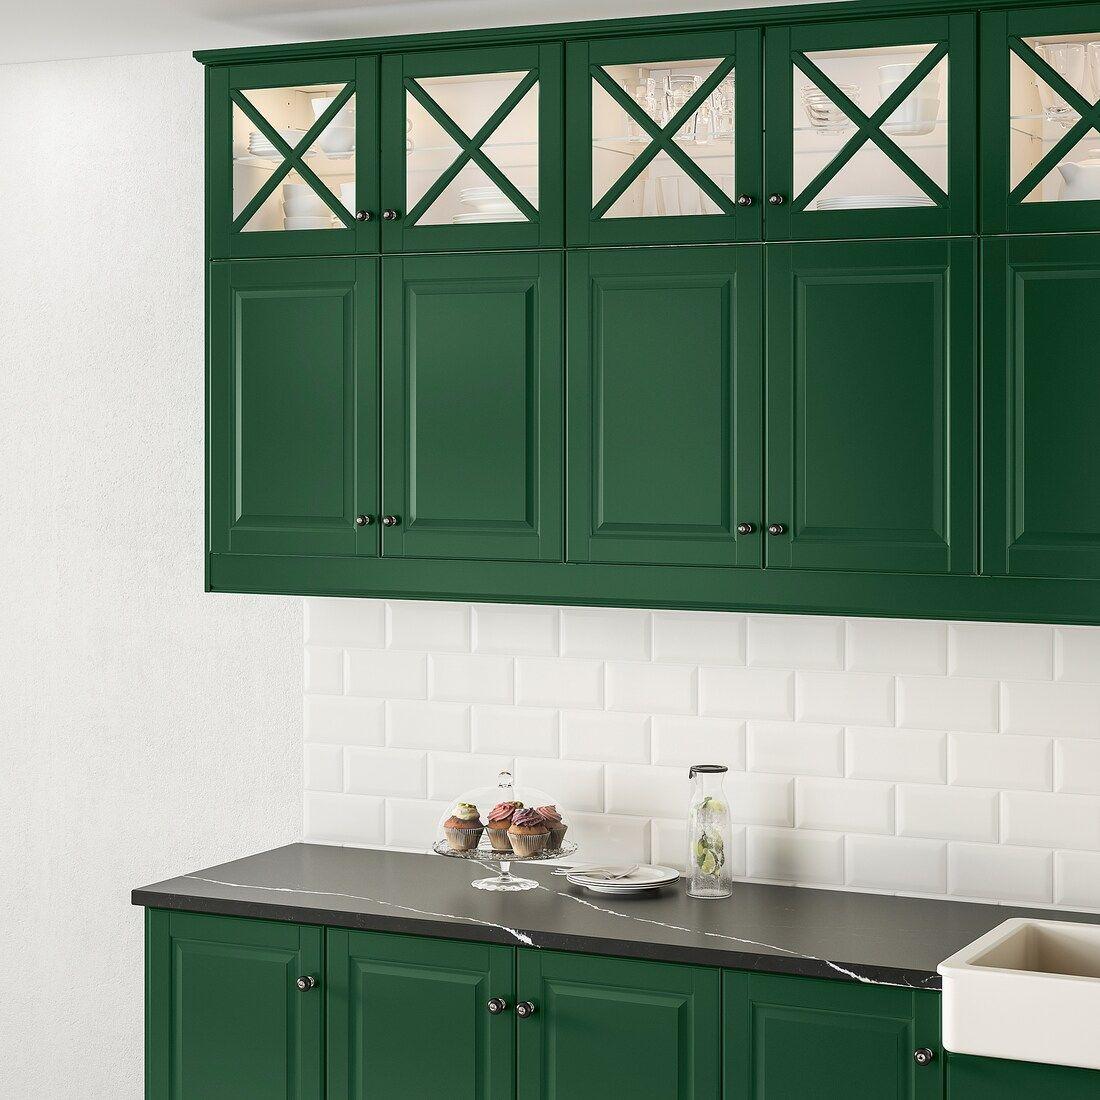 Bodbyn Glass Door With Crossbar Dark Green 15x15 Ikea Green Kitchen Cabinets Dark Green Kitchen Green Kitchen